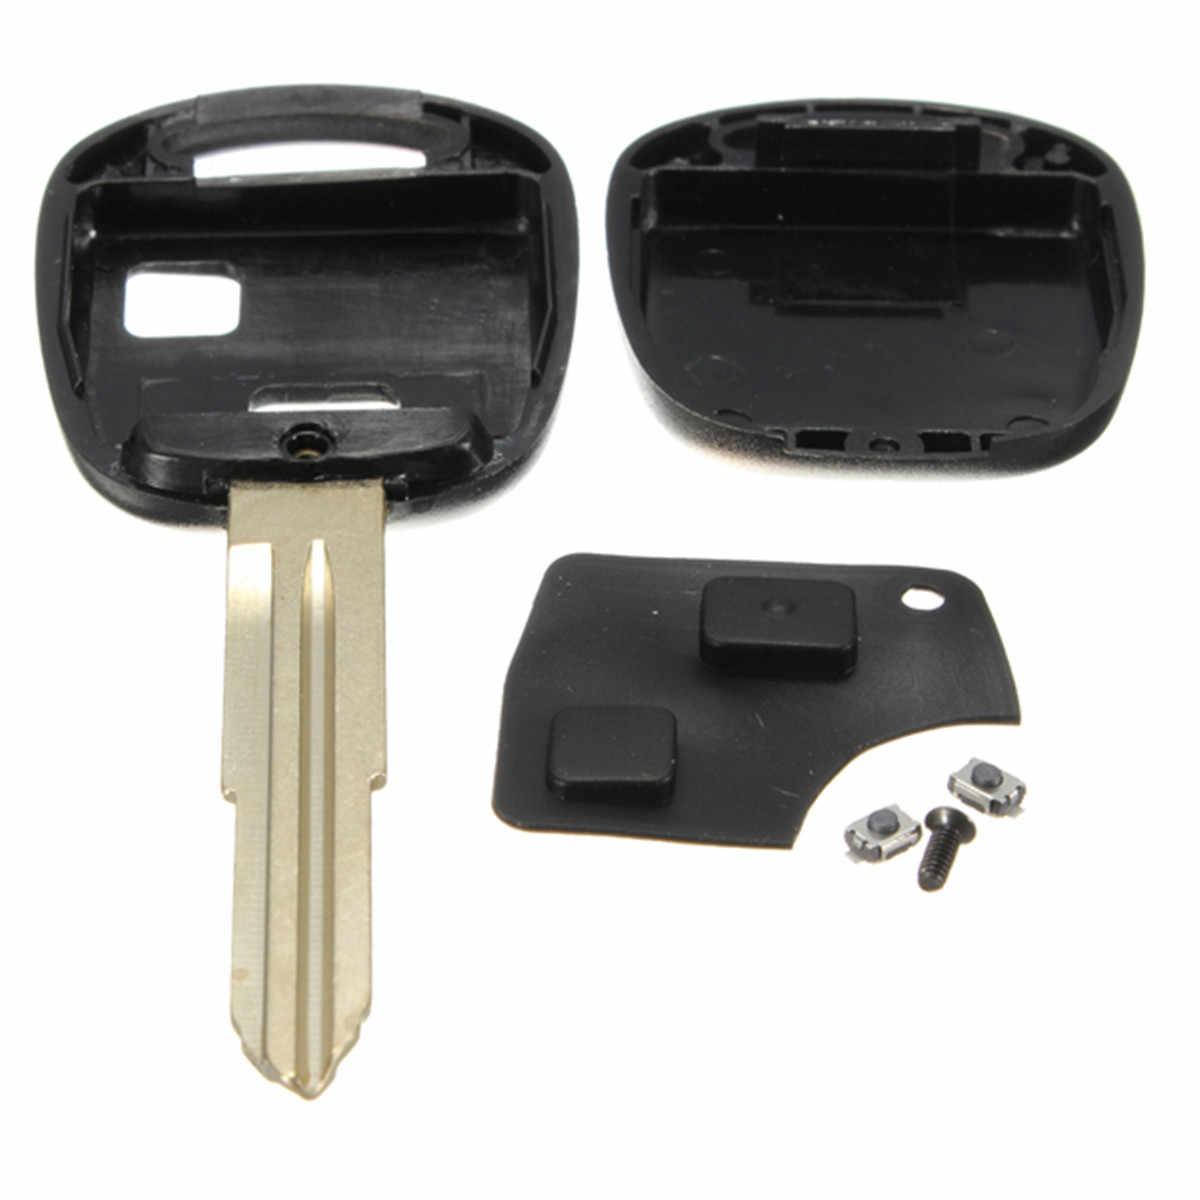 Serrure de voiture à 2 boutons et déverrouillage de la clé d'entrée à distance